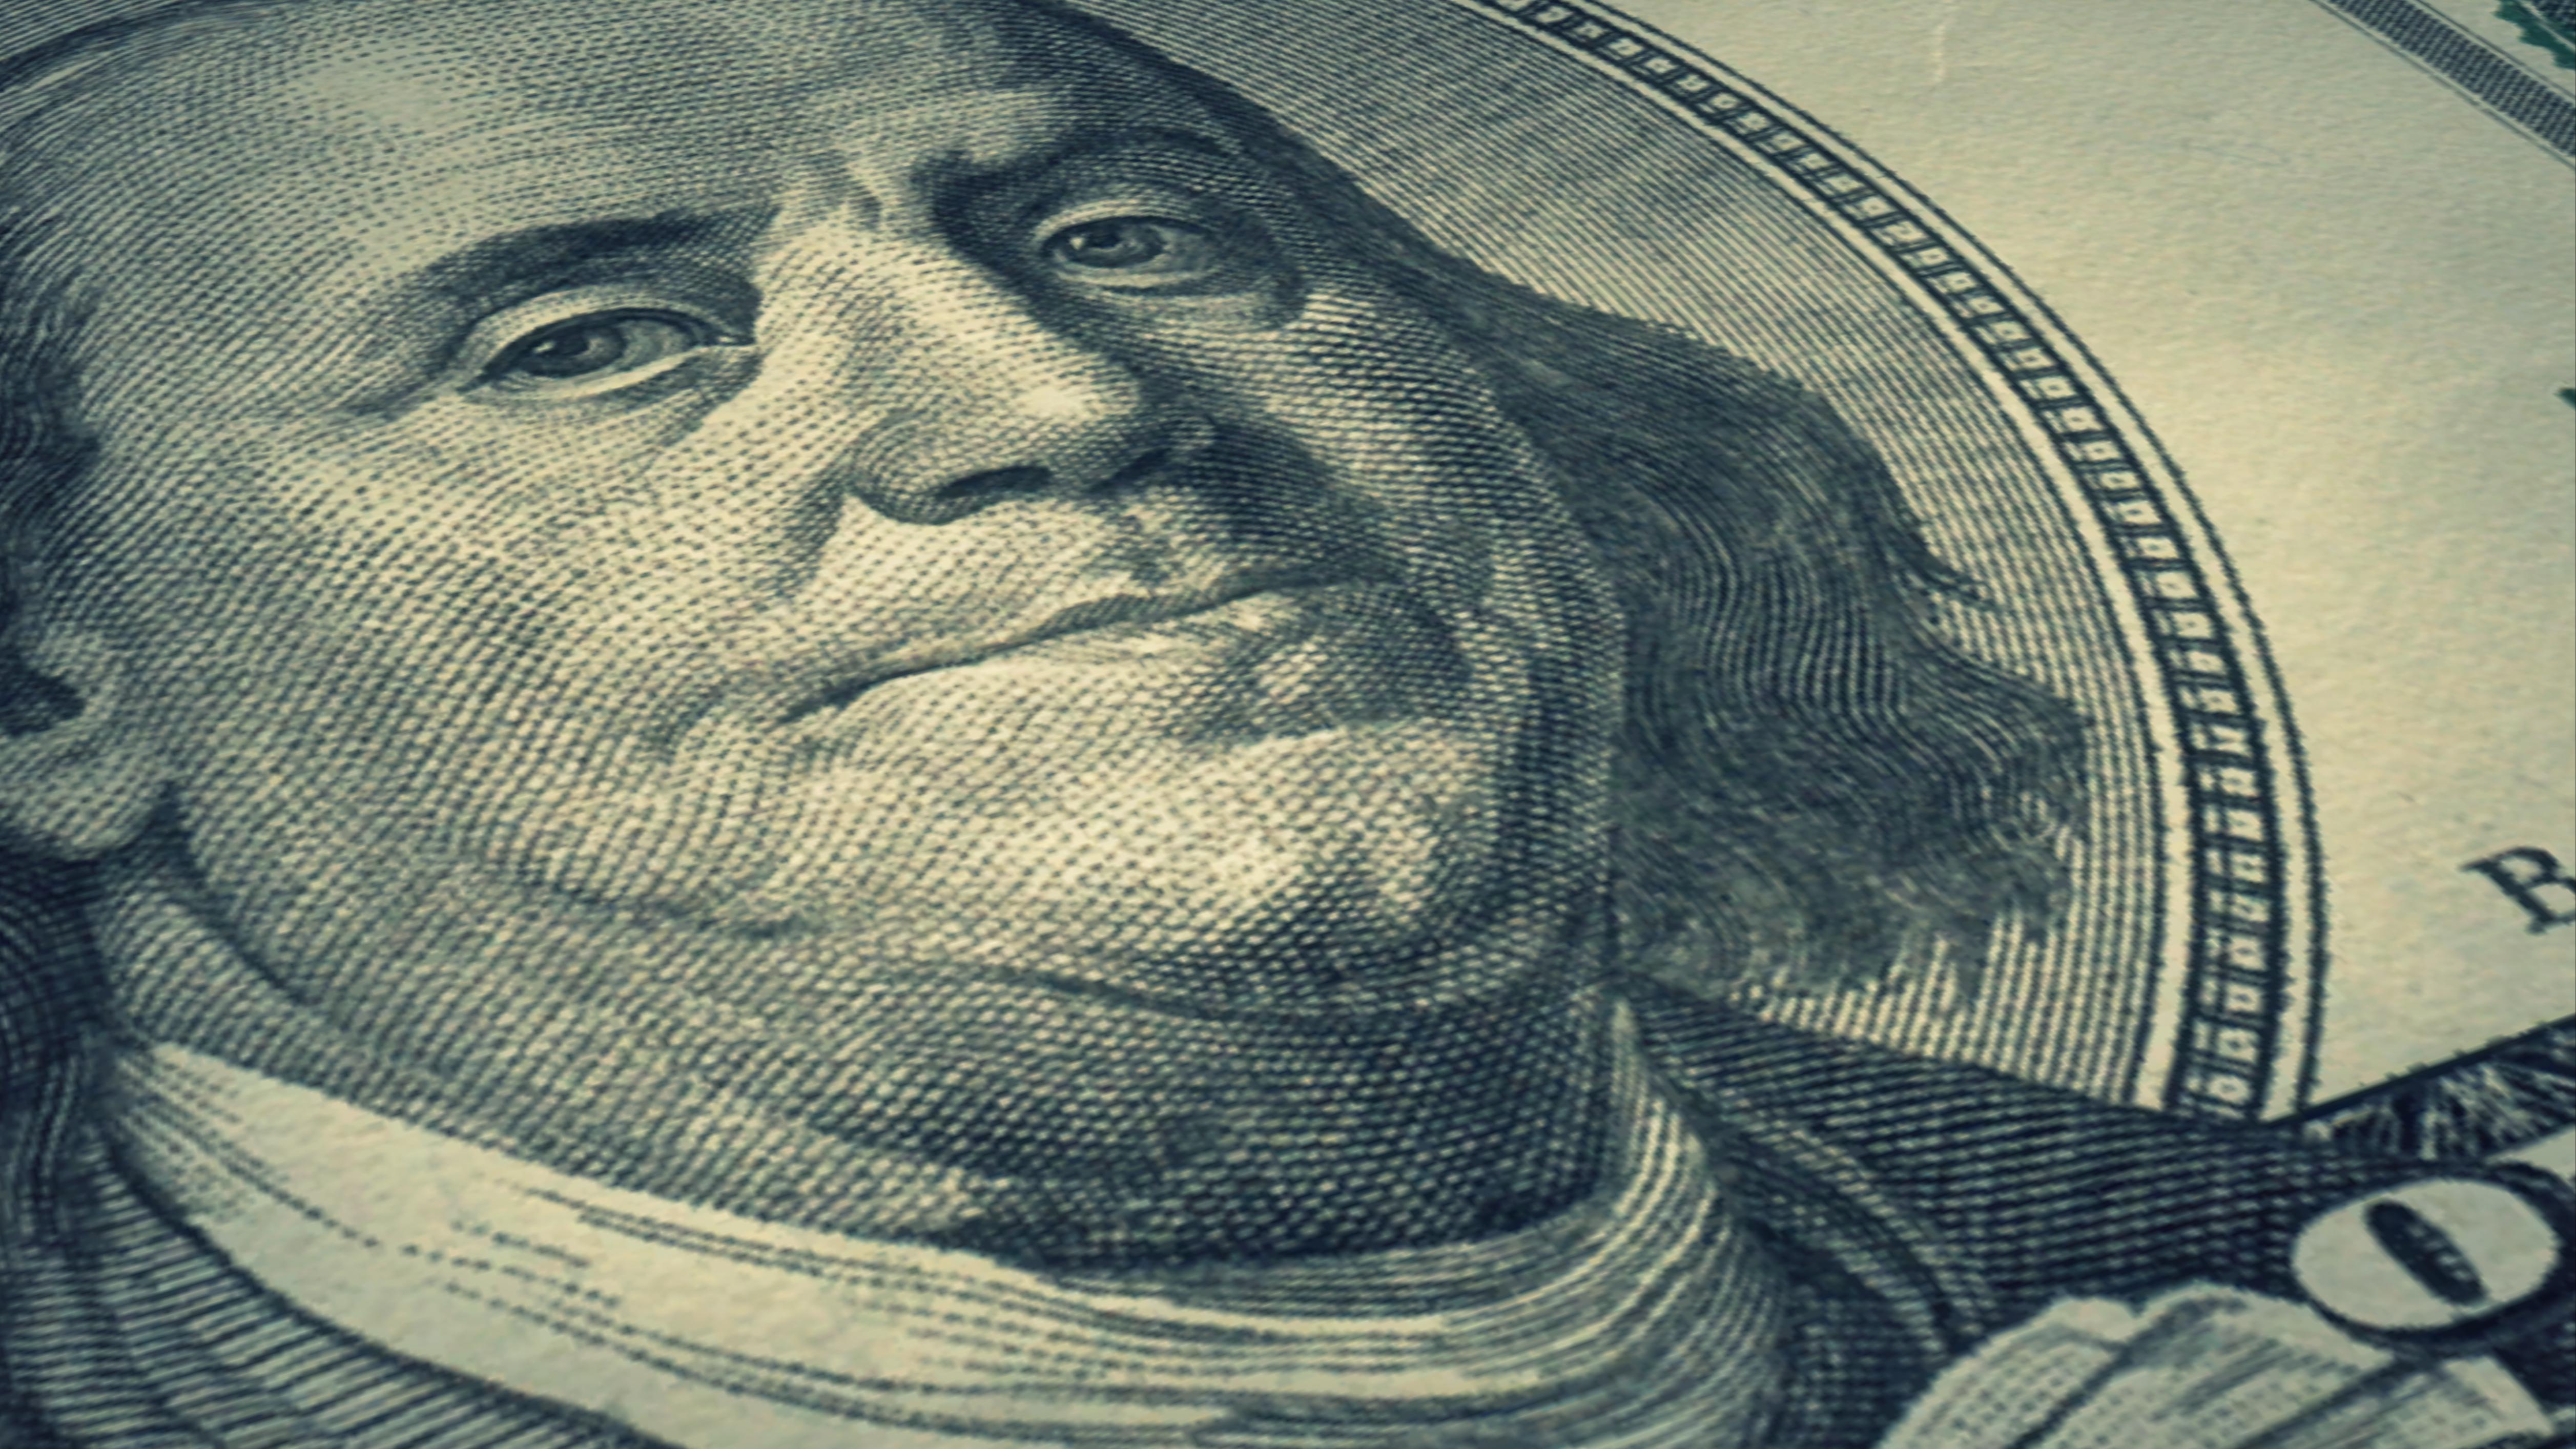 Portrait Benjamin Franklin on USA money One hundred dollars banknote pile background